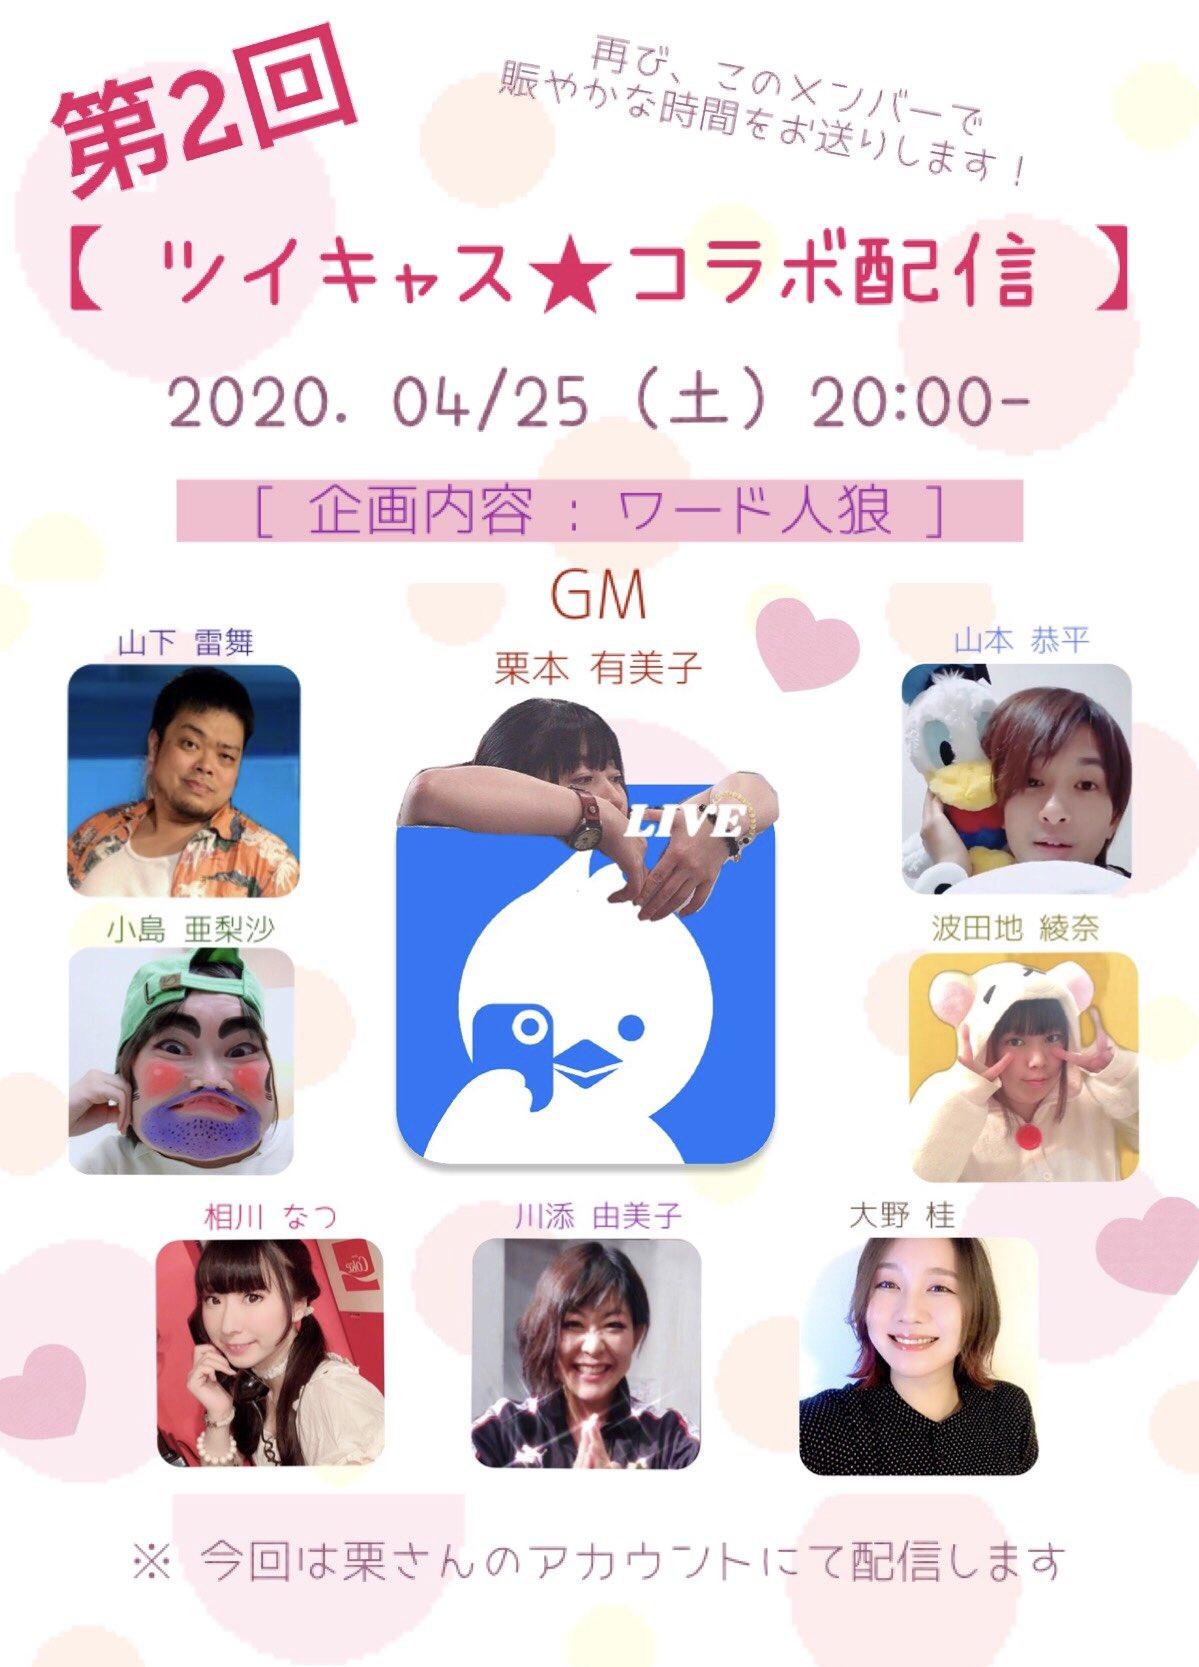 4月25日(土) ツイキャス★コラボ配信に出演します!!!企画内容はワード人狼です!!!